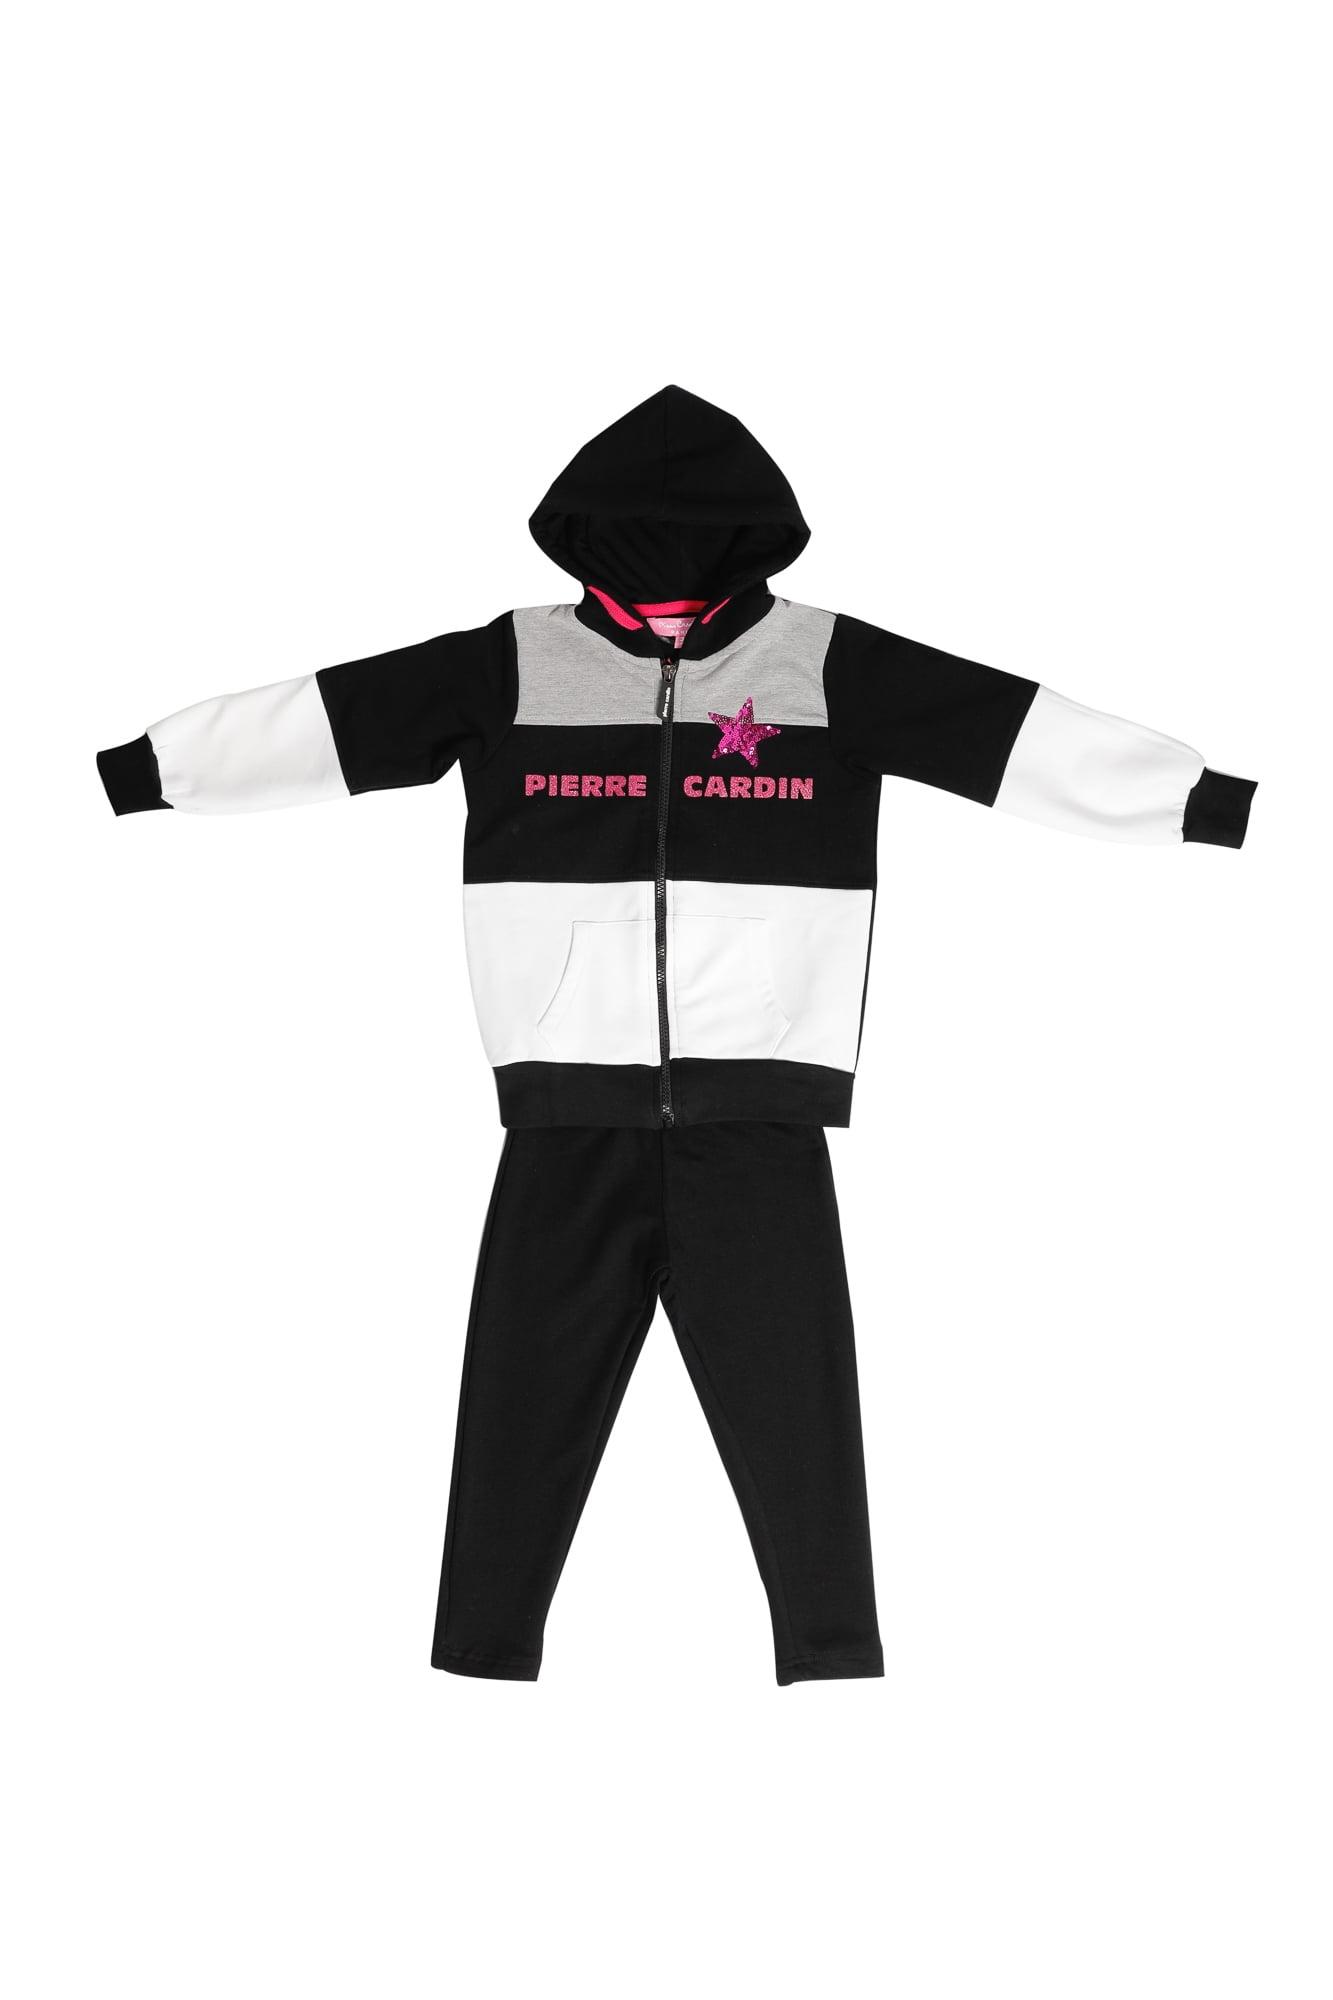 Tuta Femmina Pierre Cardin nero/grigio/bianco con zip e cappuccio Pantalone Nero